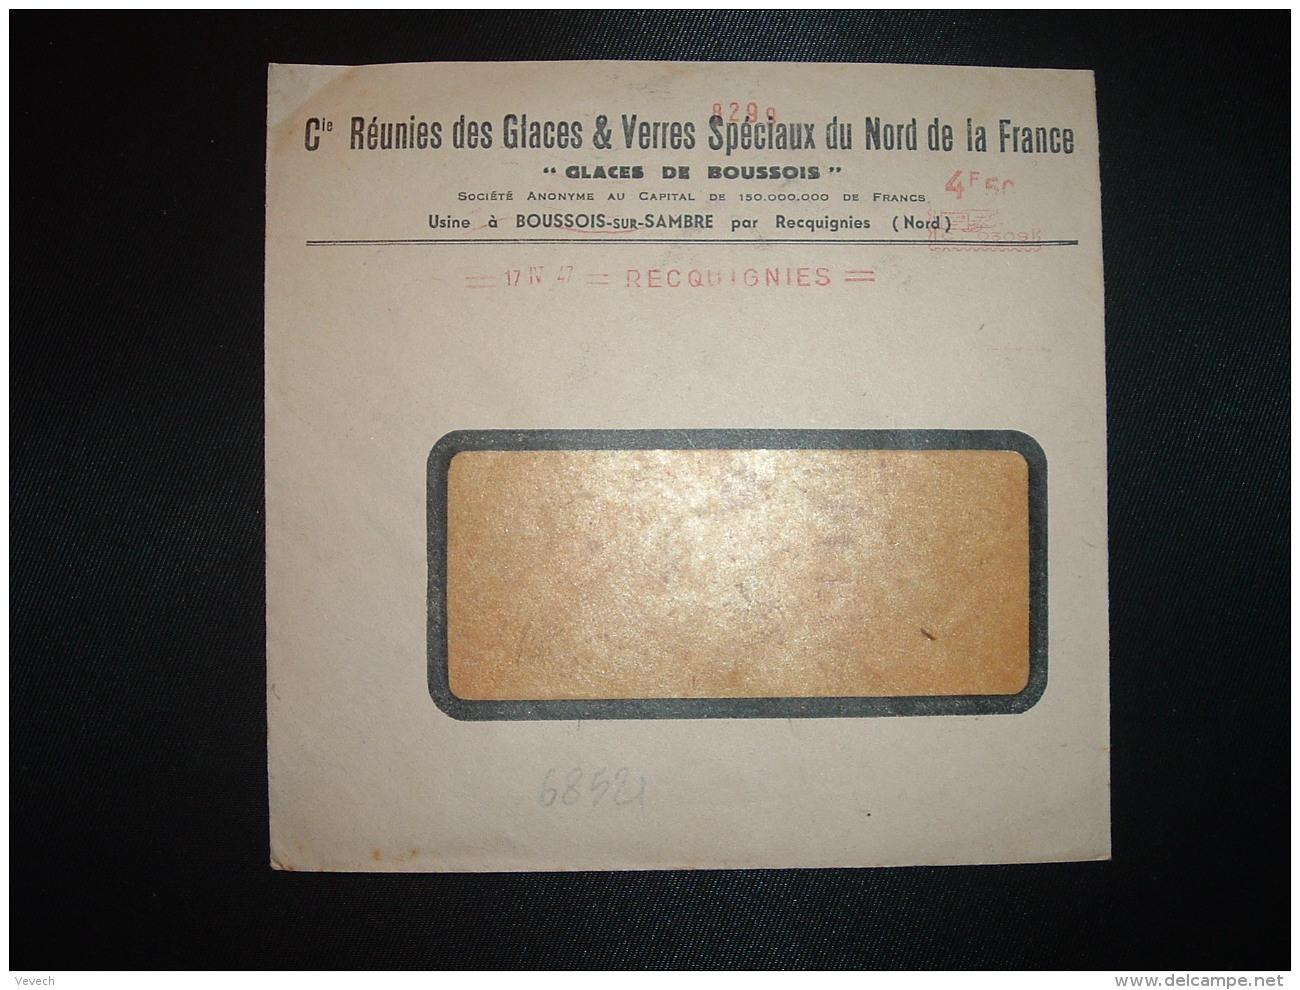 LETTRE EMA C. 0309 à 4F50 Du 17 IV 47 RECQUIGNIES (59) GLACES DE BOUSSOIS Cies Réunies Des Glaces & Verres Spéciaux  - Marcophilie (Lettres)